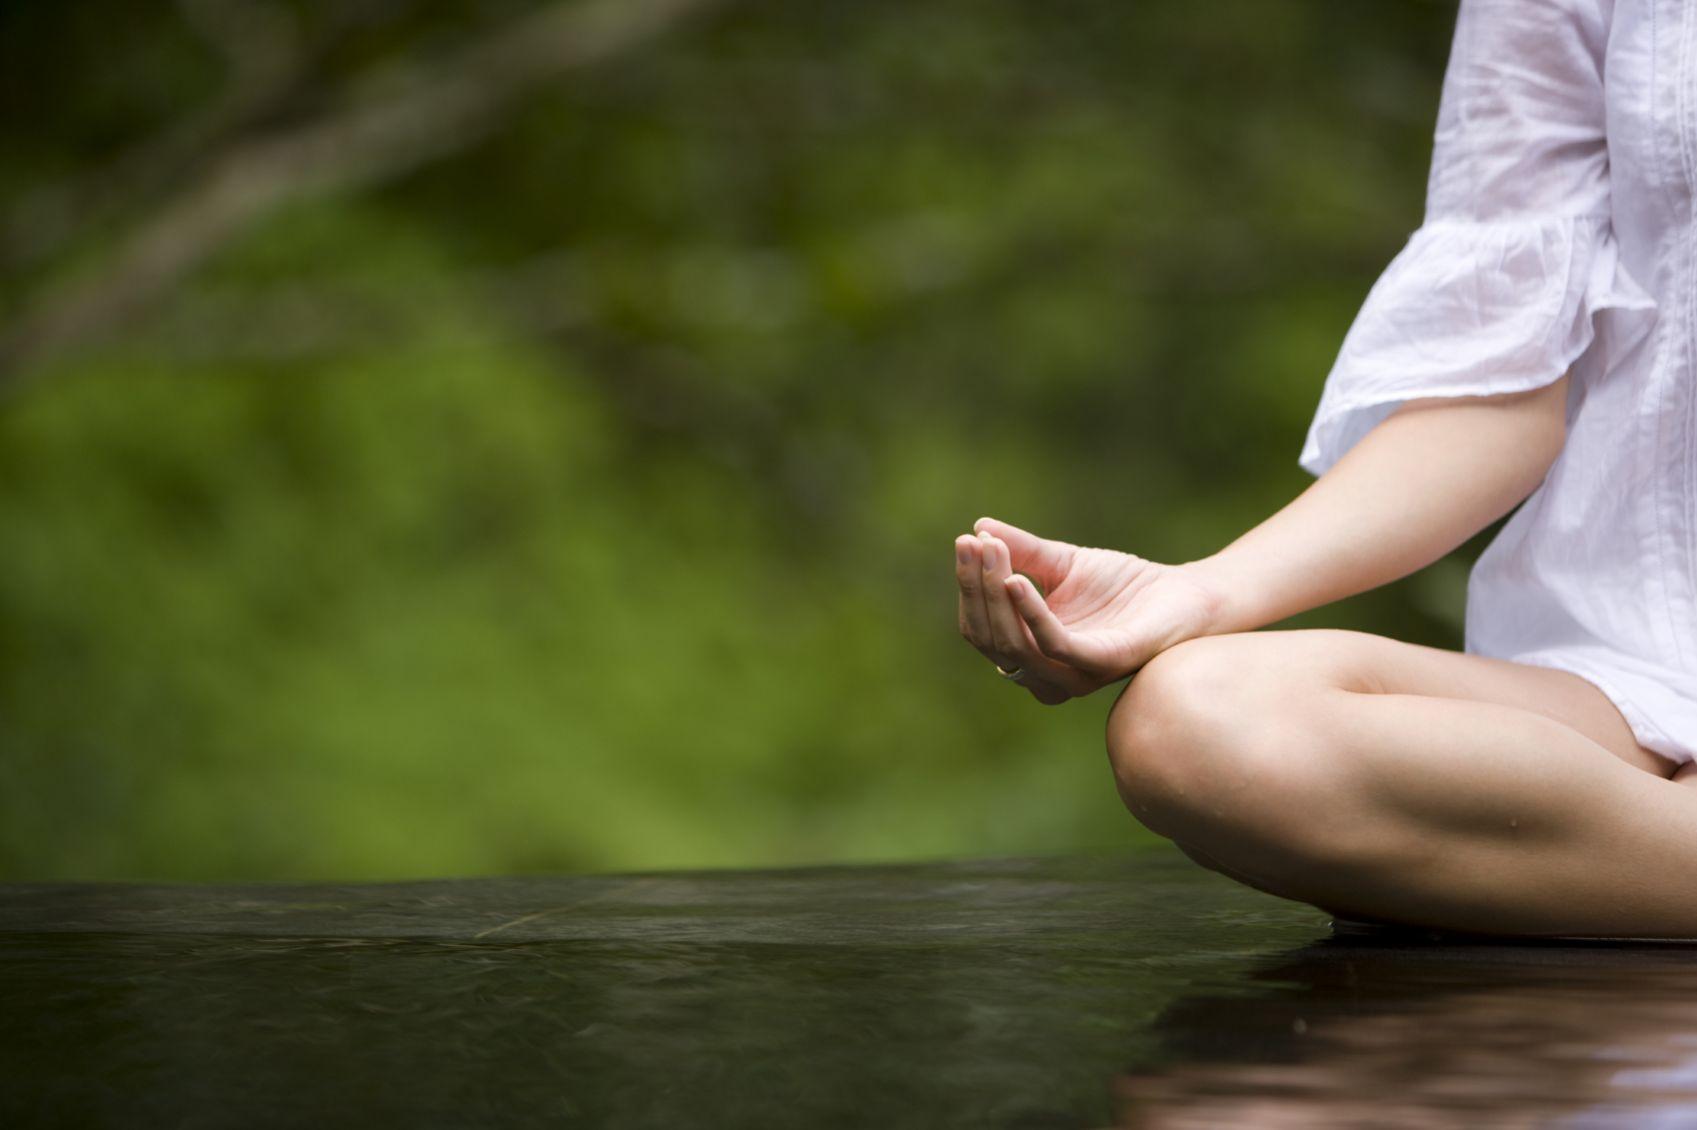 Actividades que favorecen la salud mental